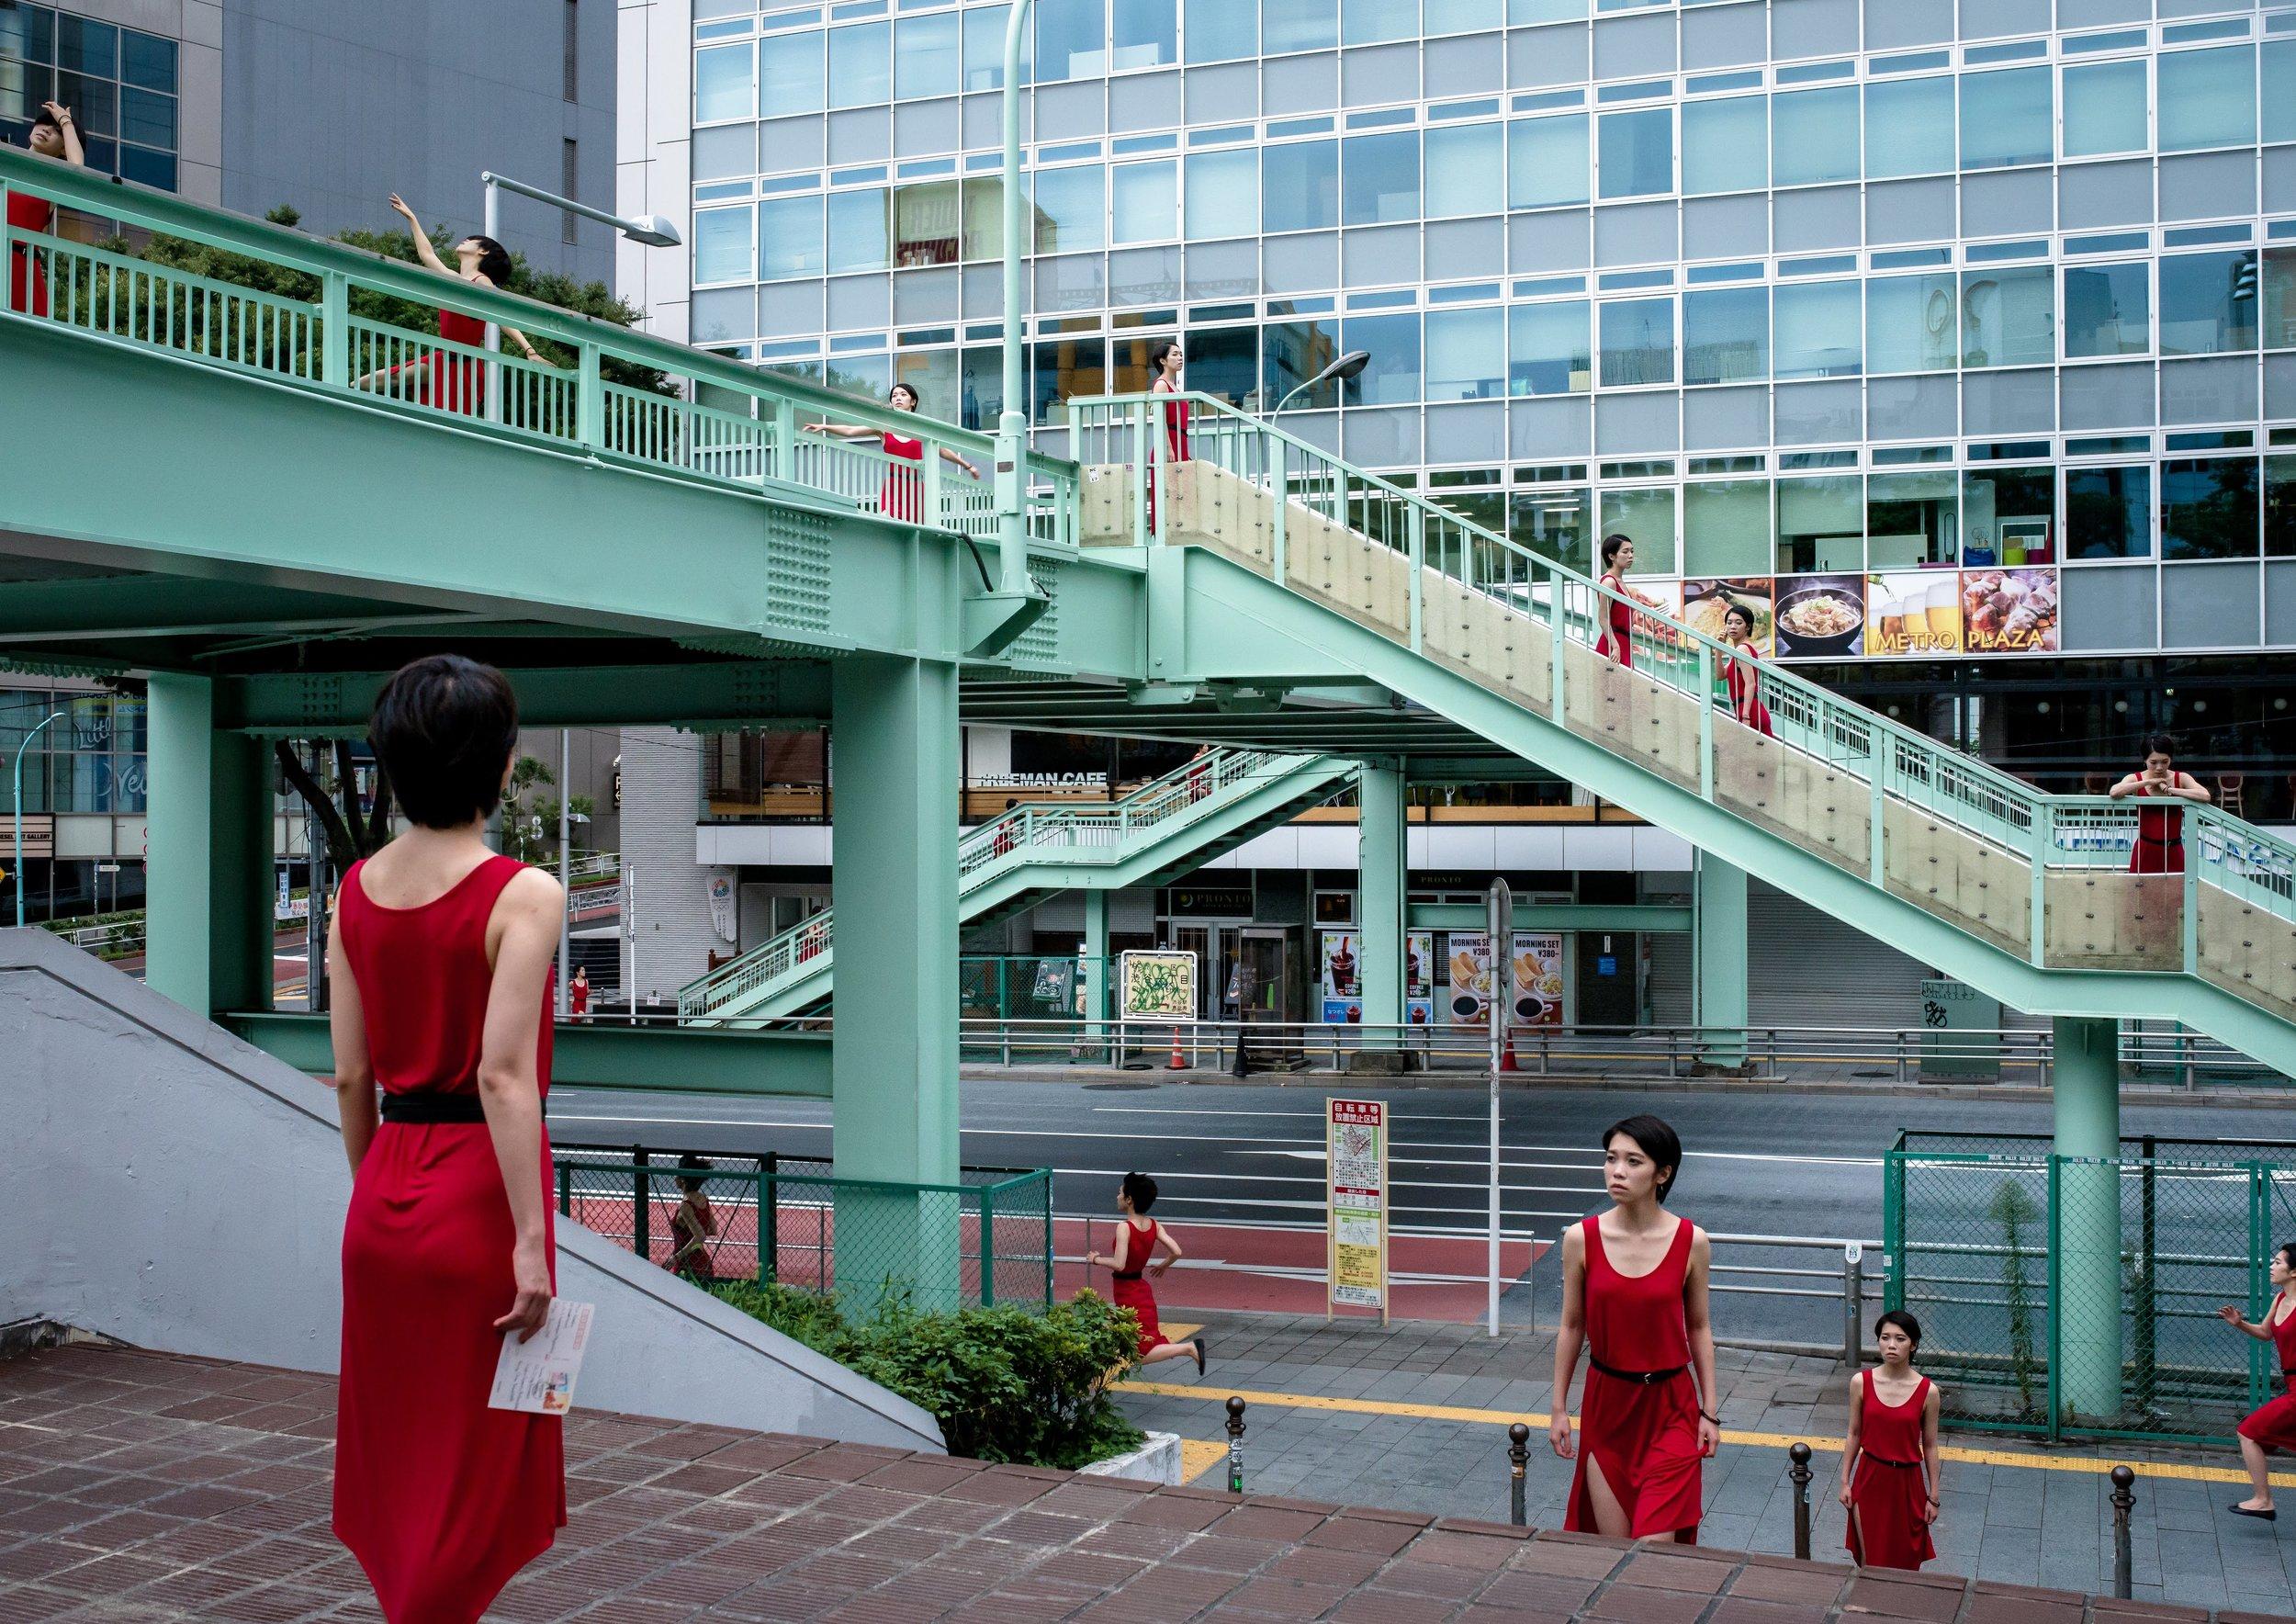 ©  Daisuke Takakura;  Monodramatic / Urban Dance, 2014, Digital C-type print, 42 x 59.4 cm Ed. 10